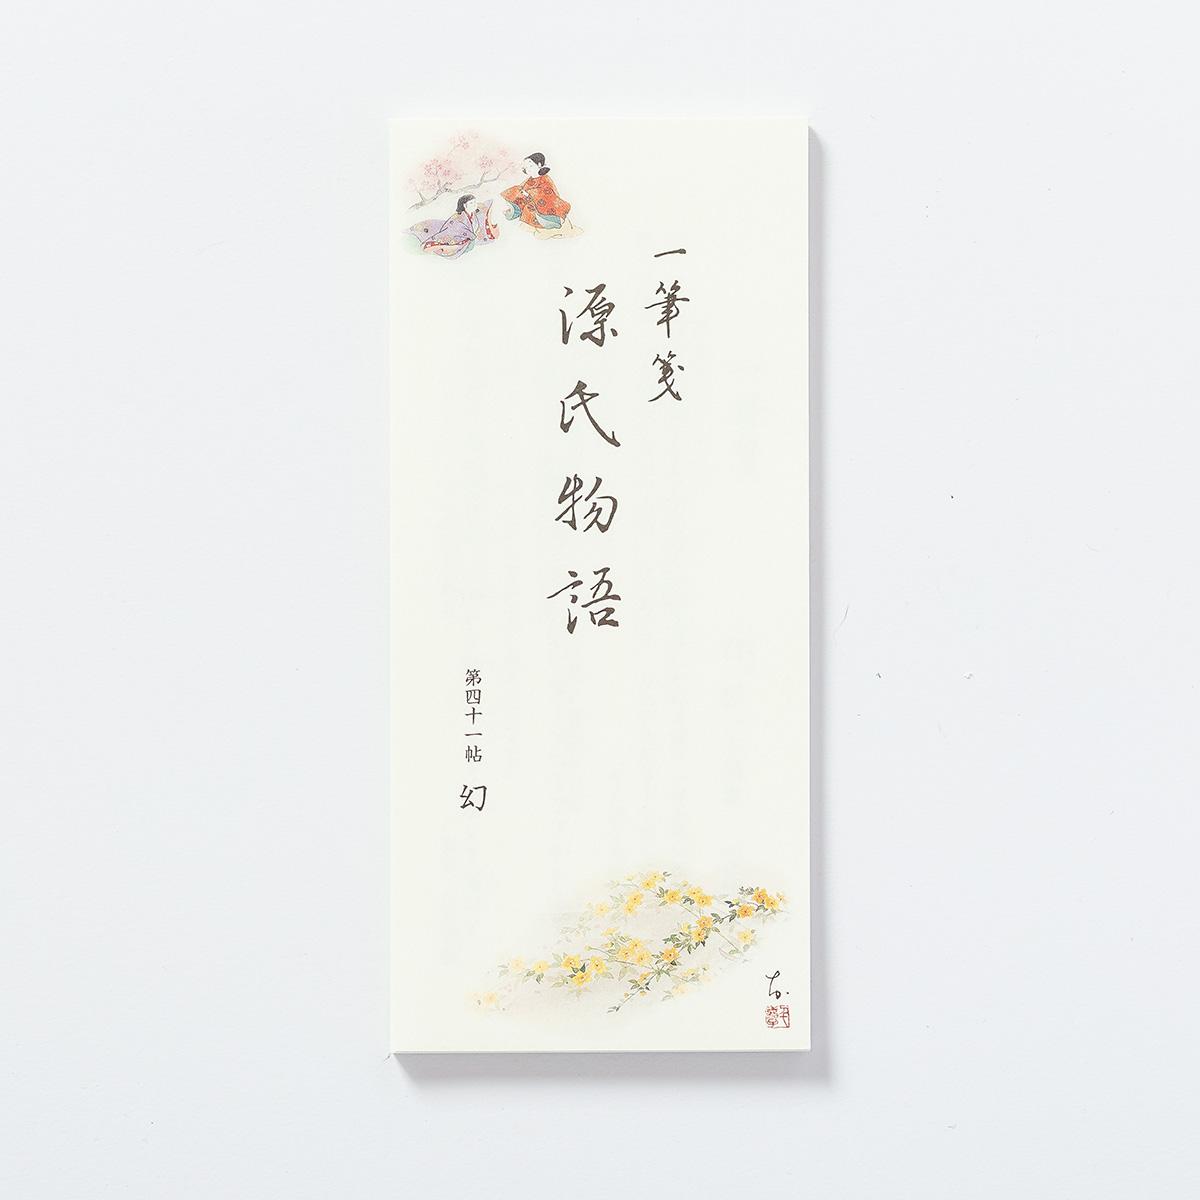 源氏物語一筆箋 第41帖「幻」